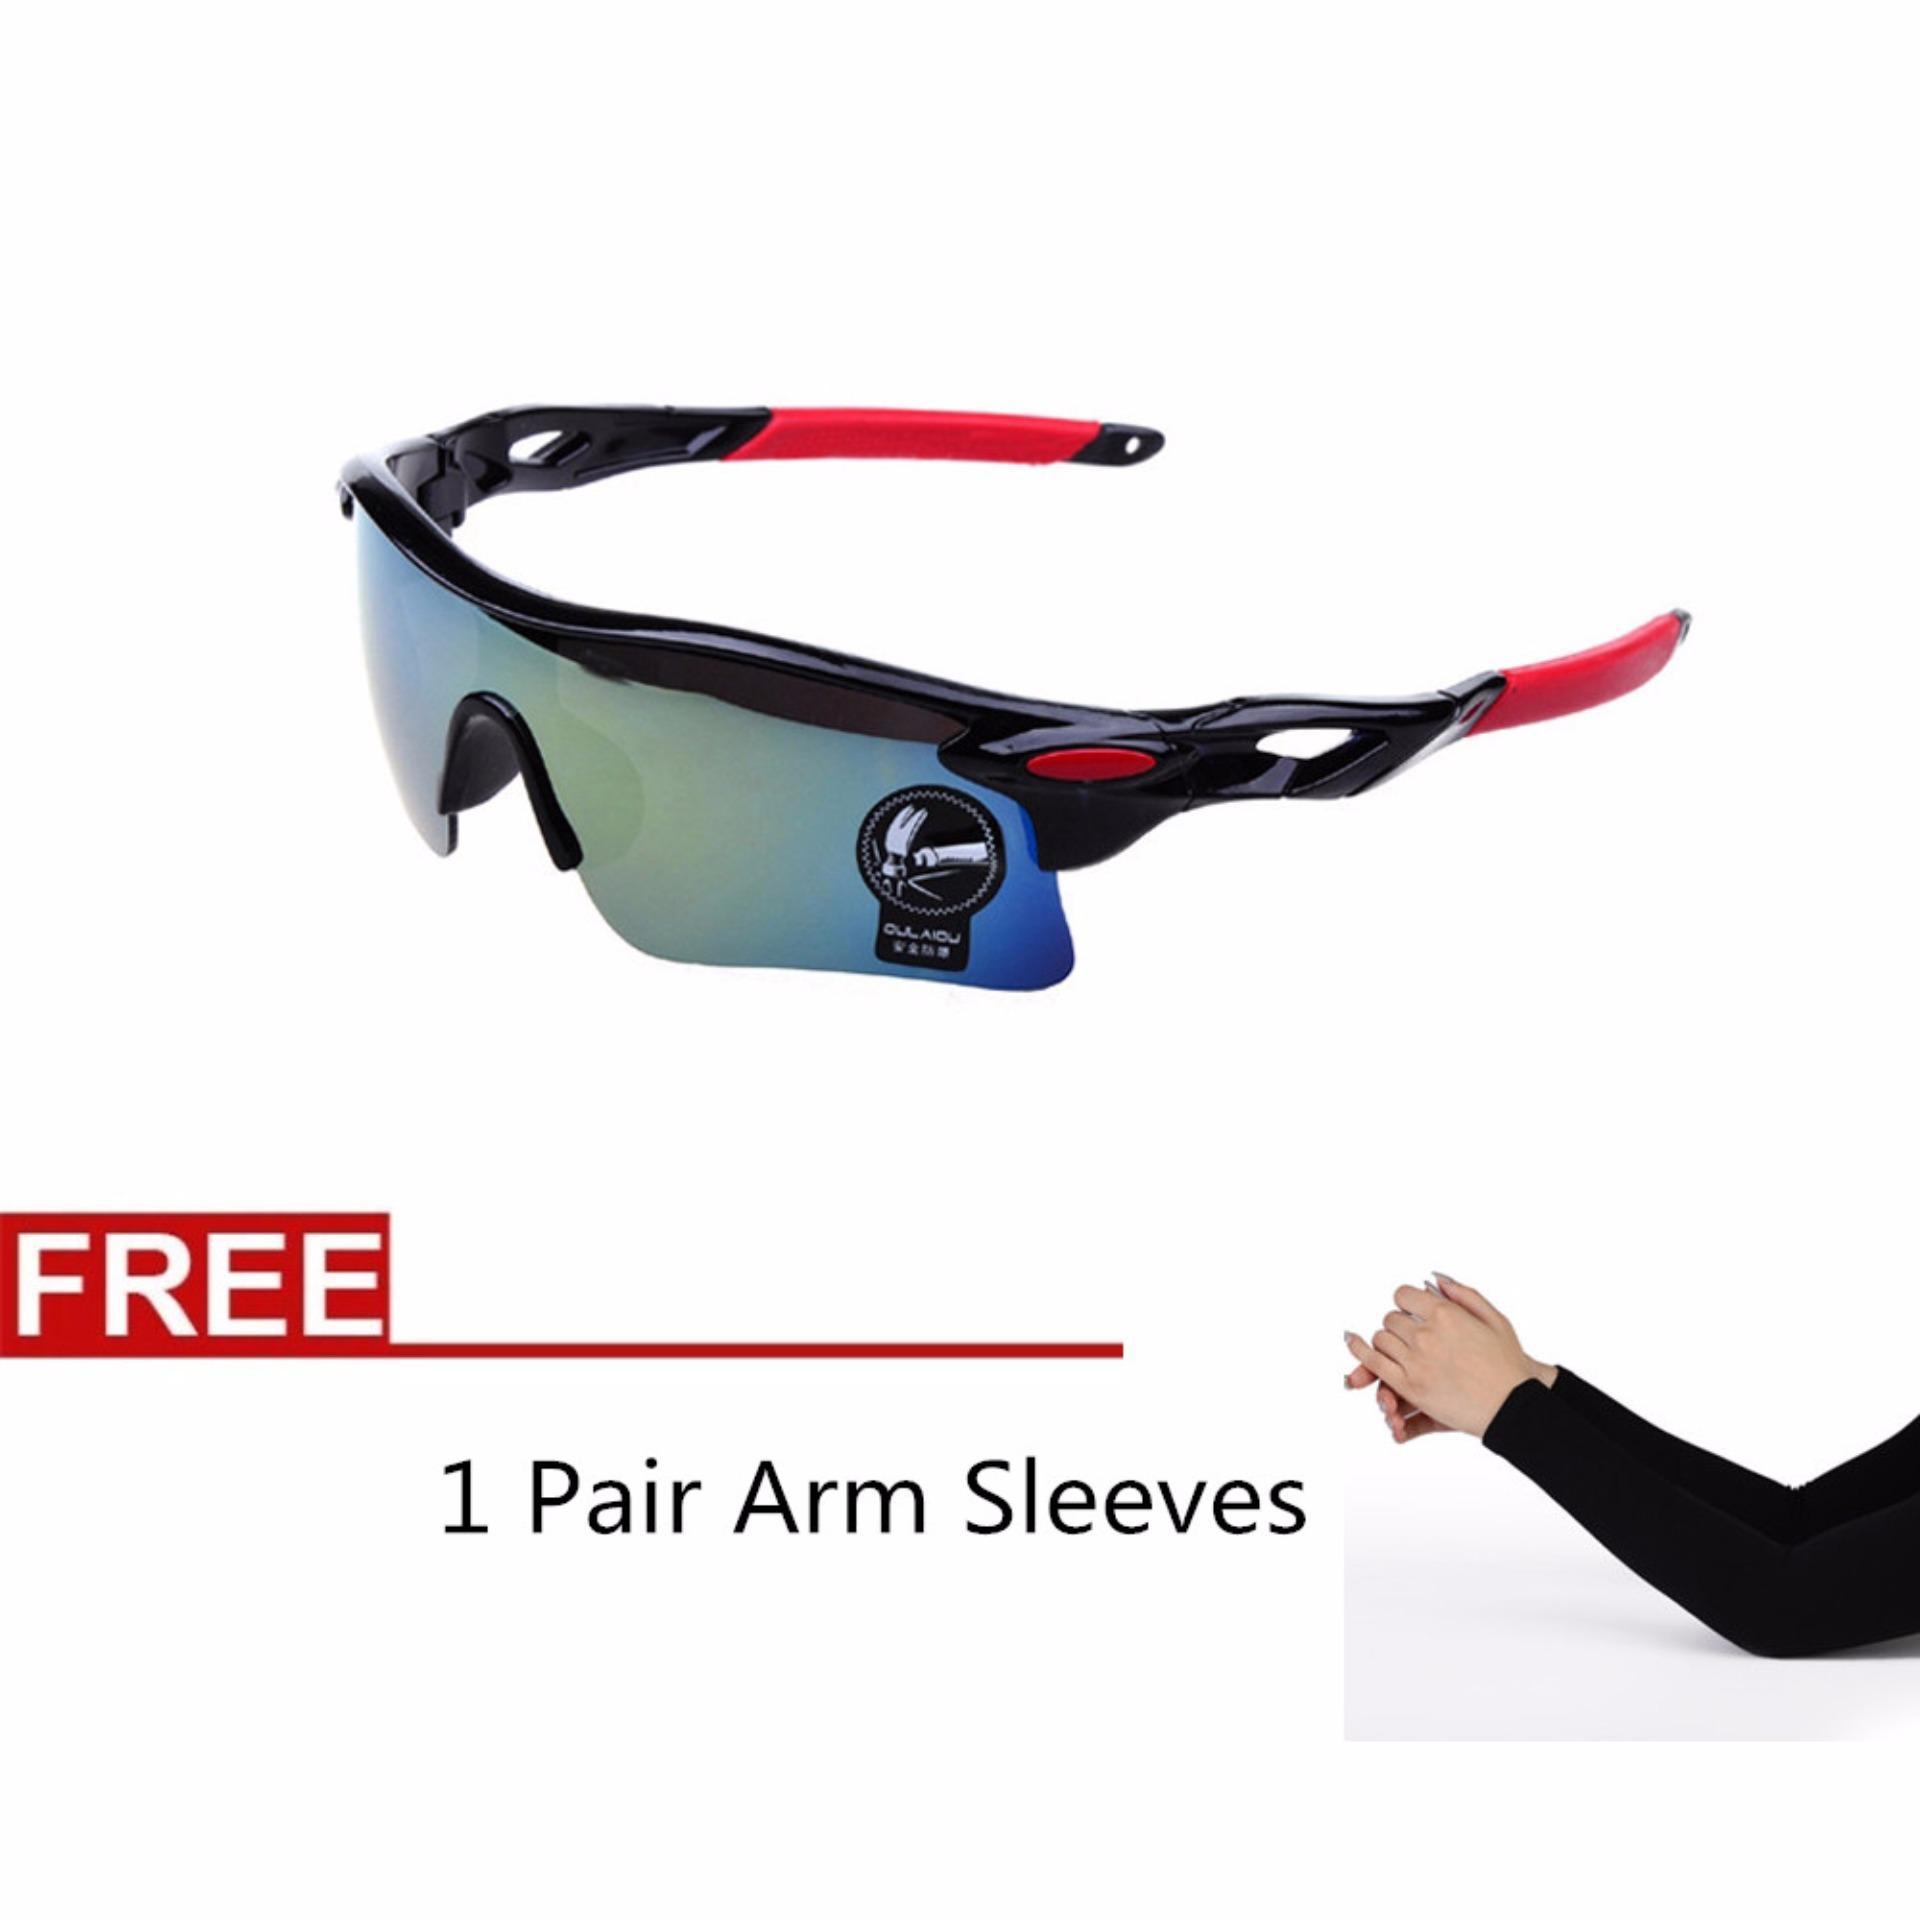 Flash Sale La Vie pria 's berjemur kacamata UV400 kacamata untuk olahraga outdoor sepeda Sepeda kacamata + 1 pasang lengan lengan